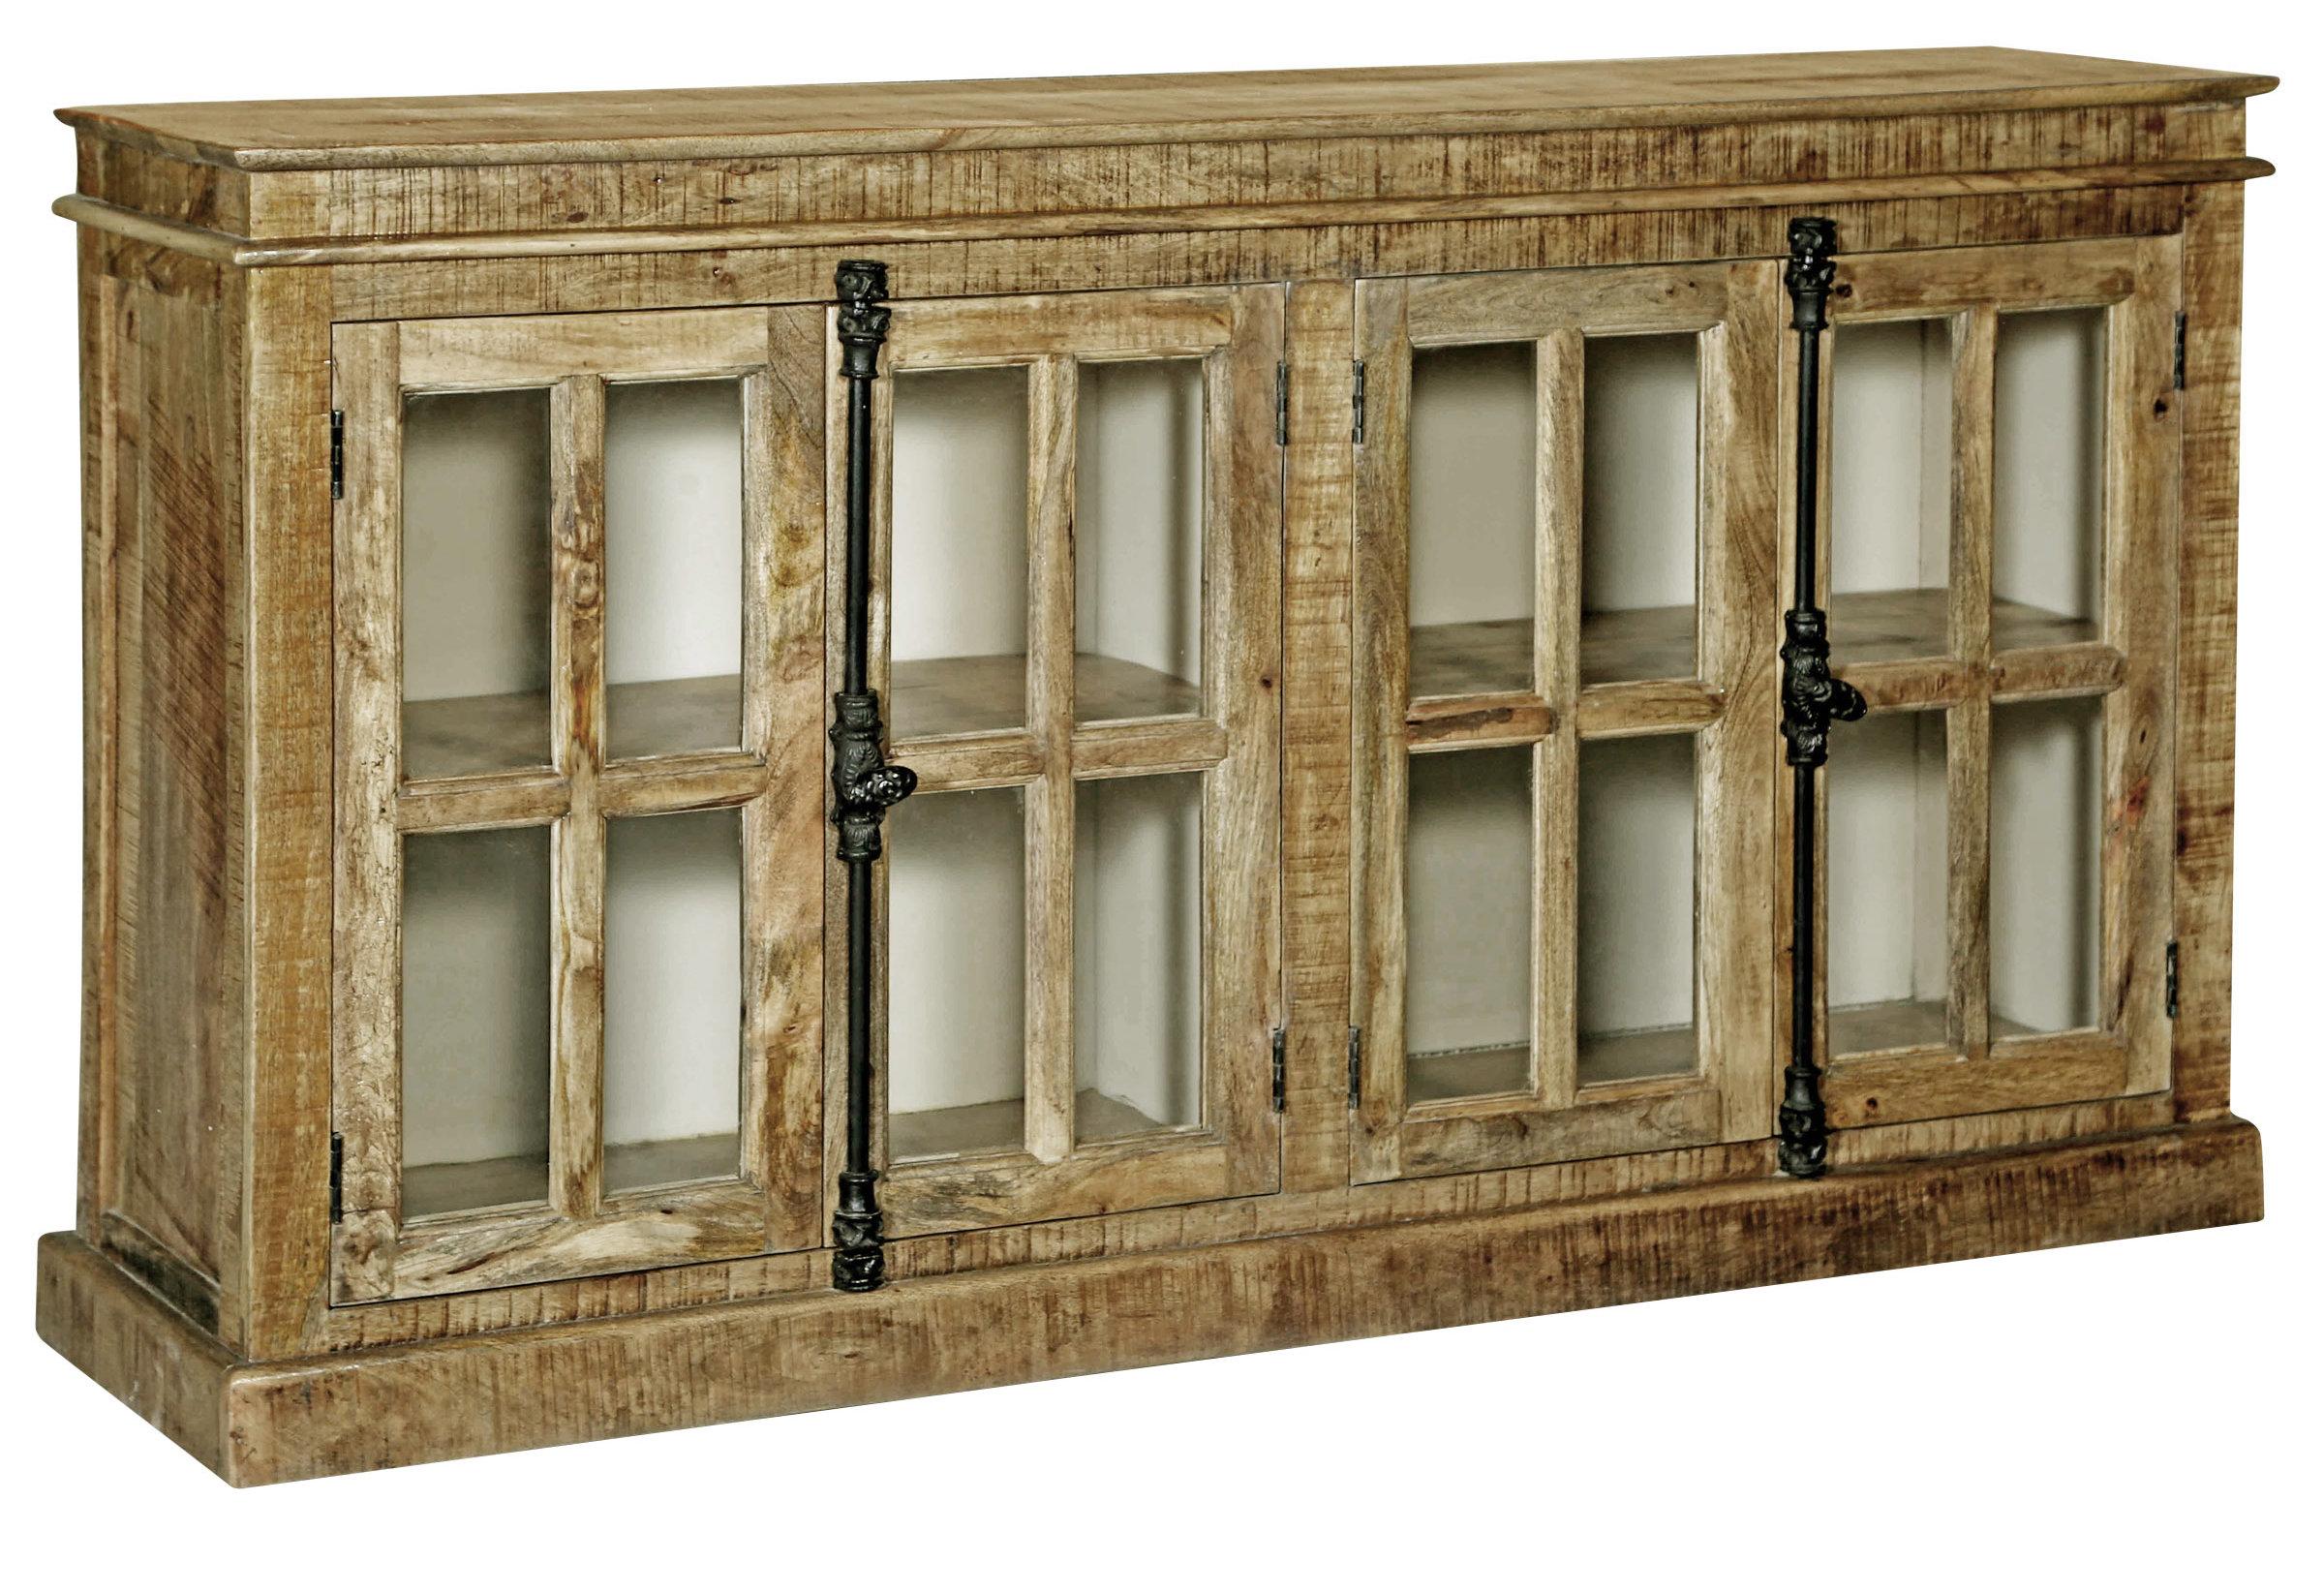 Wadley 4 Door Sideboard In Adelbert Credenzas (Image 29 of 30)